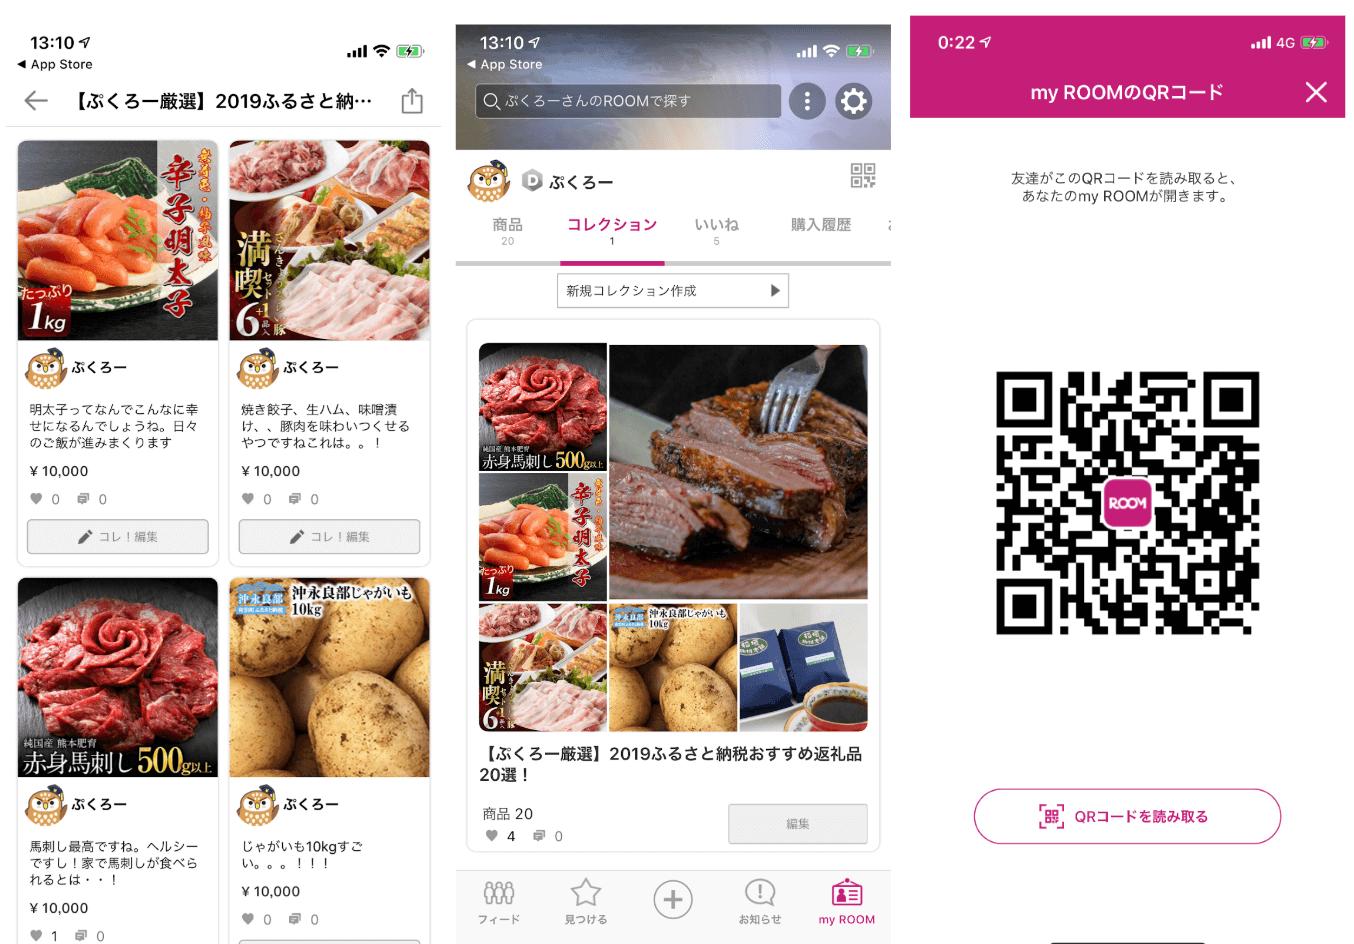 【ぷくろー厳選】2019ふるさと納税おすすめ返礼品20選!